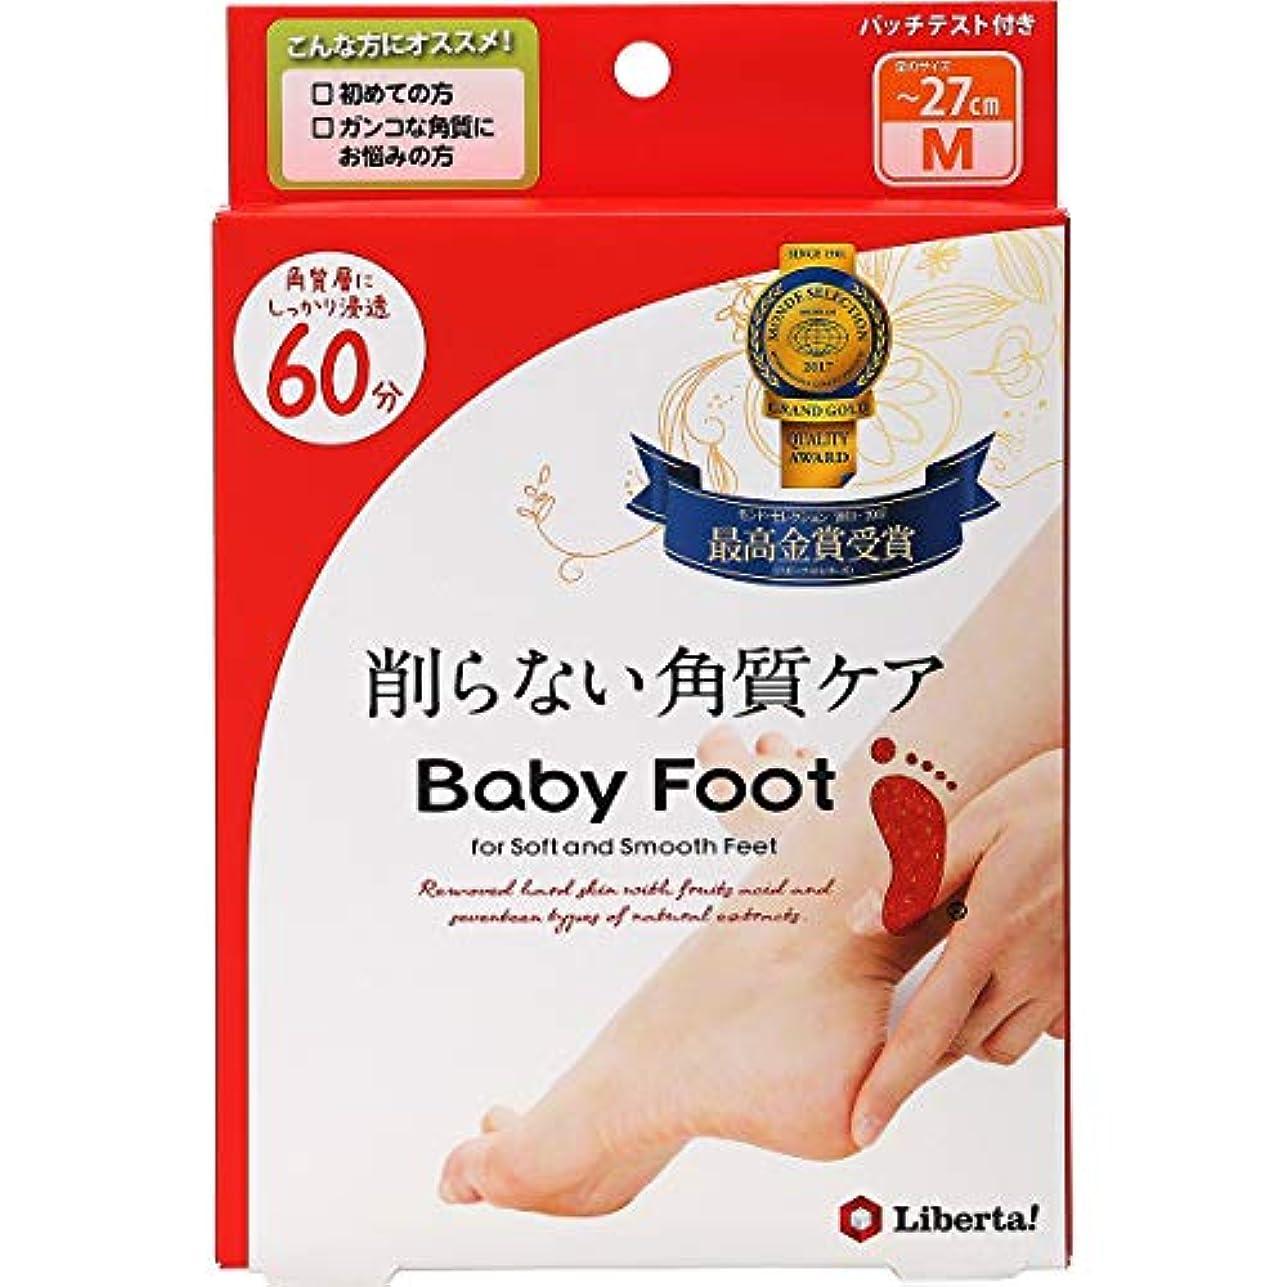 ベイビー狼管理ベビーフット (Baby Foot) ベビーフット イージーパック SPT60分タイプ Mサイズ 単品